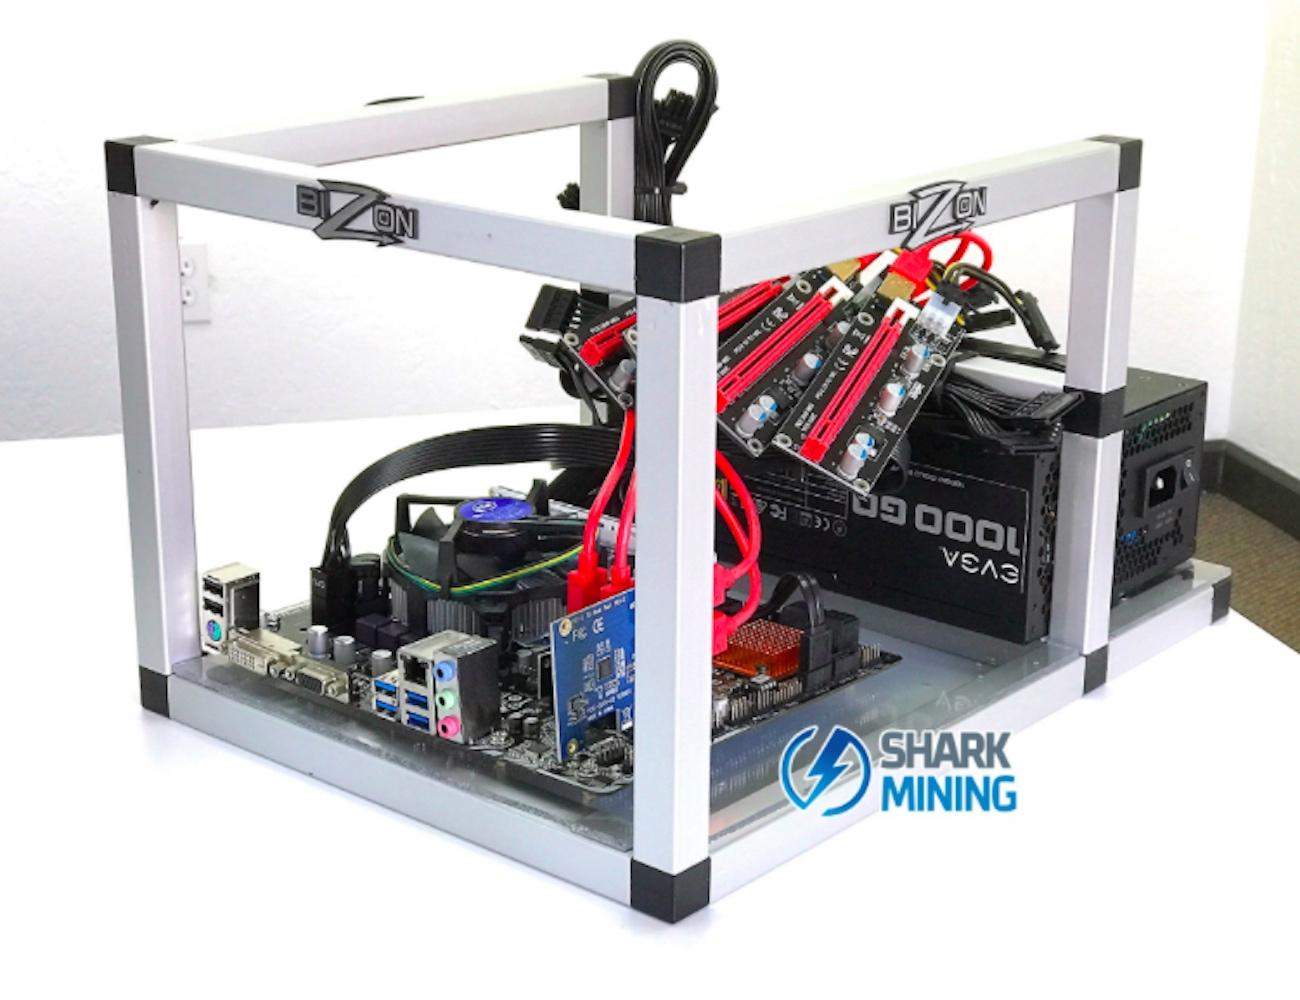 Shark Mini 4 GPU Mining Rig Kit